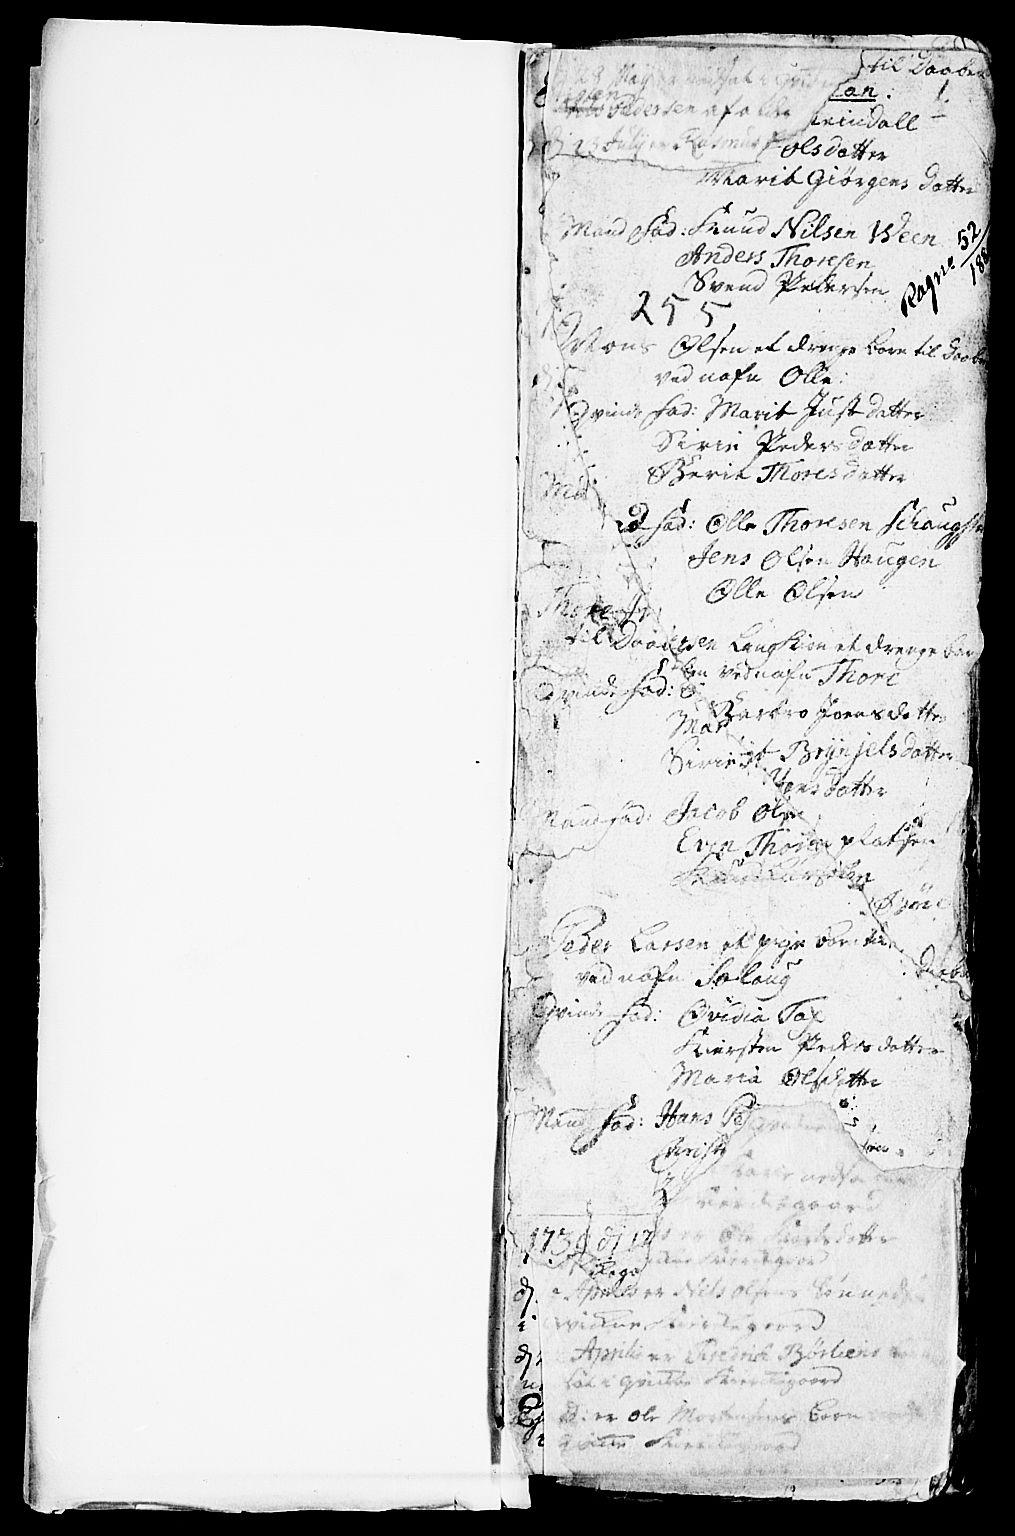 SAH, Kvikne prestekontor, Parish register (official) no. 1, 1740-1756, p. 0-1